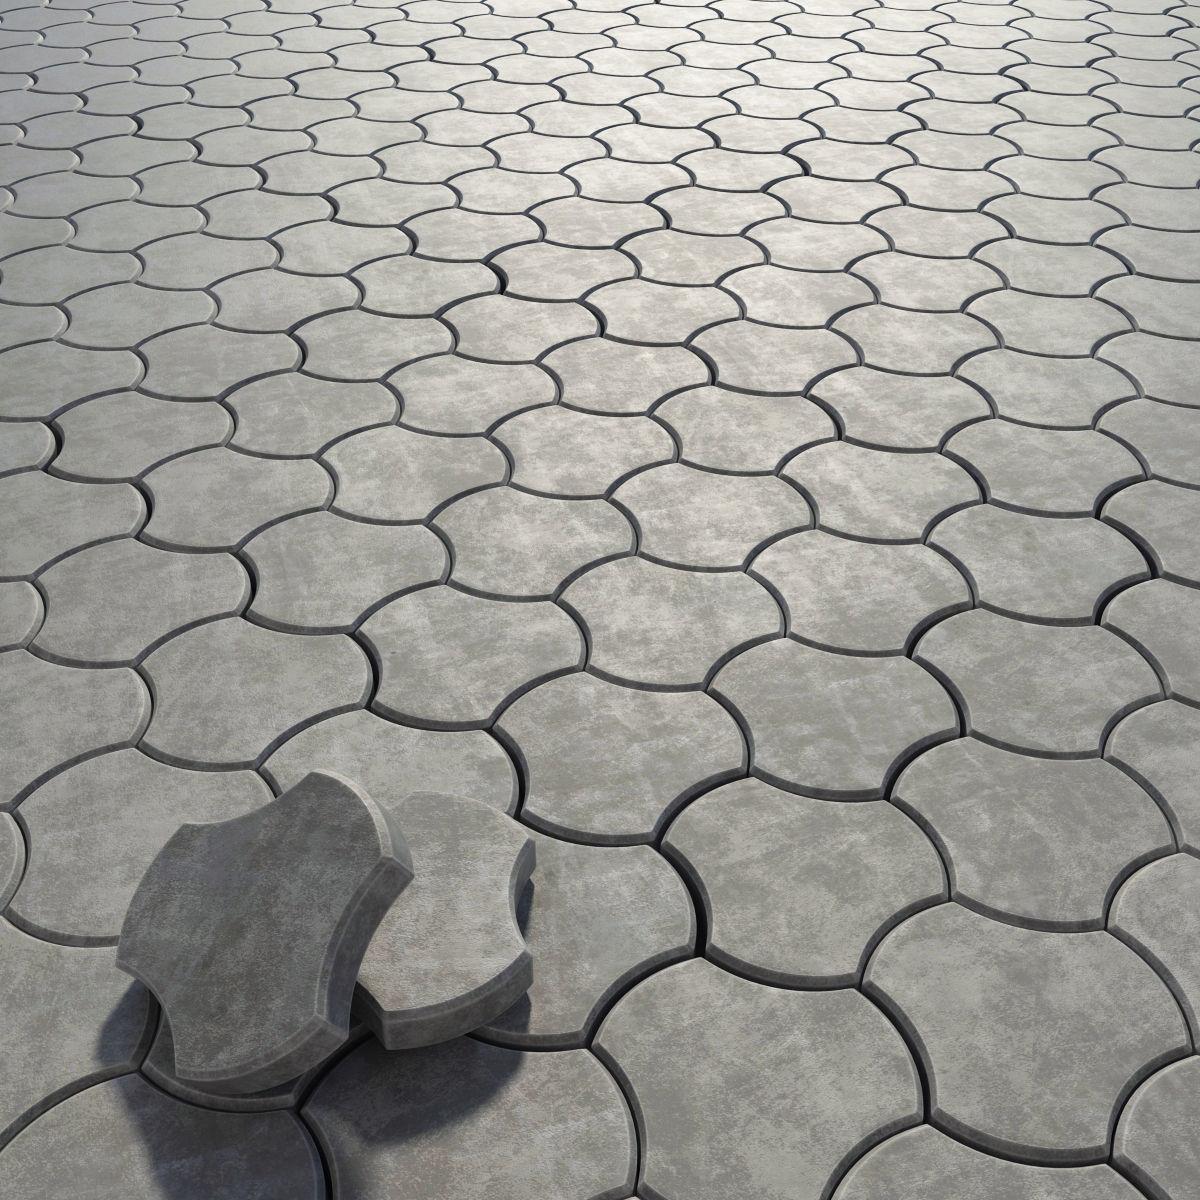 paving stone threetoed 3d model max obj 3ds fbx mtl 1 ... SJDVEKC